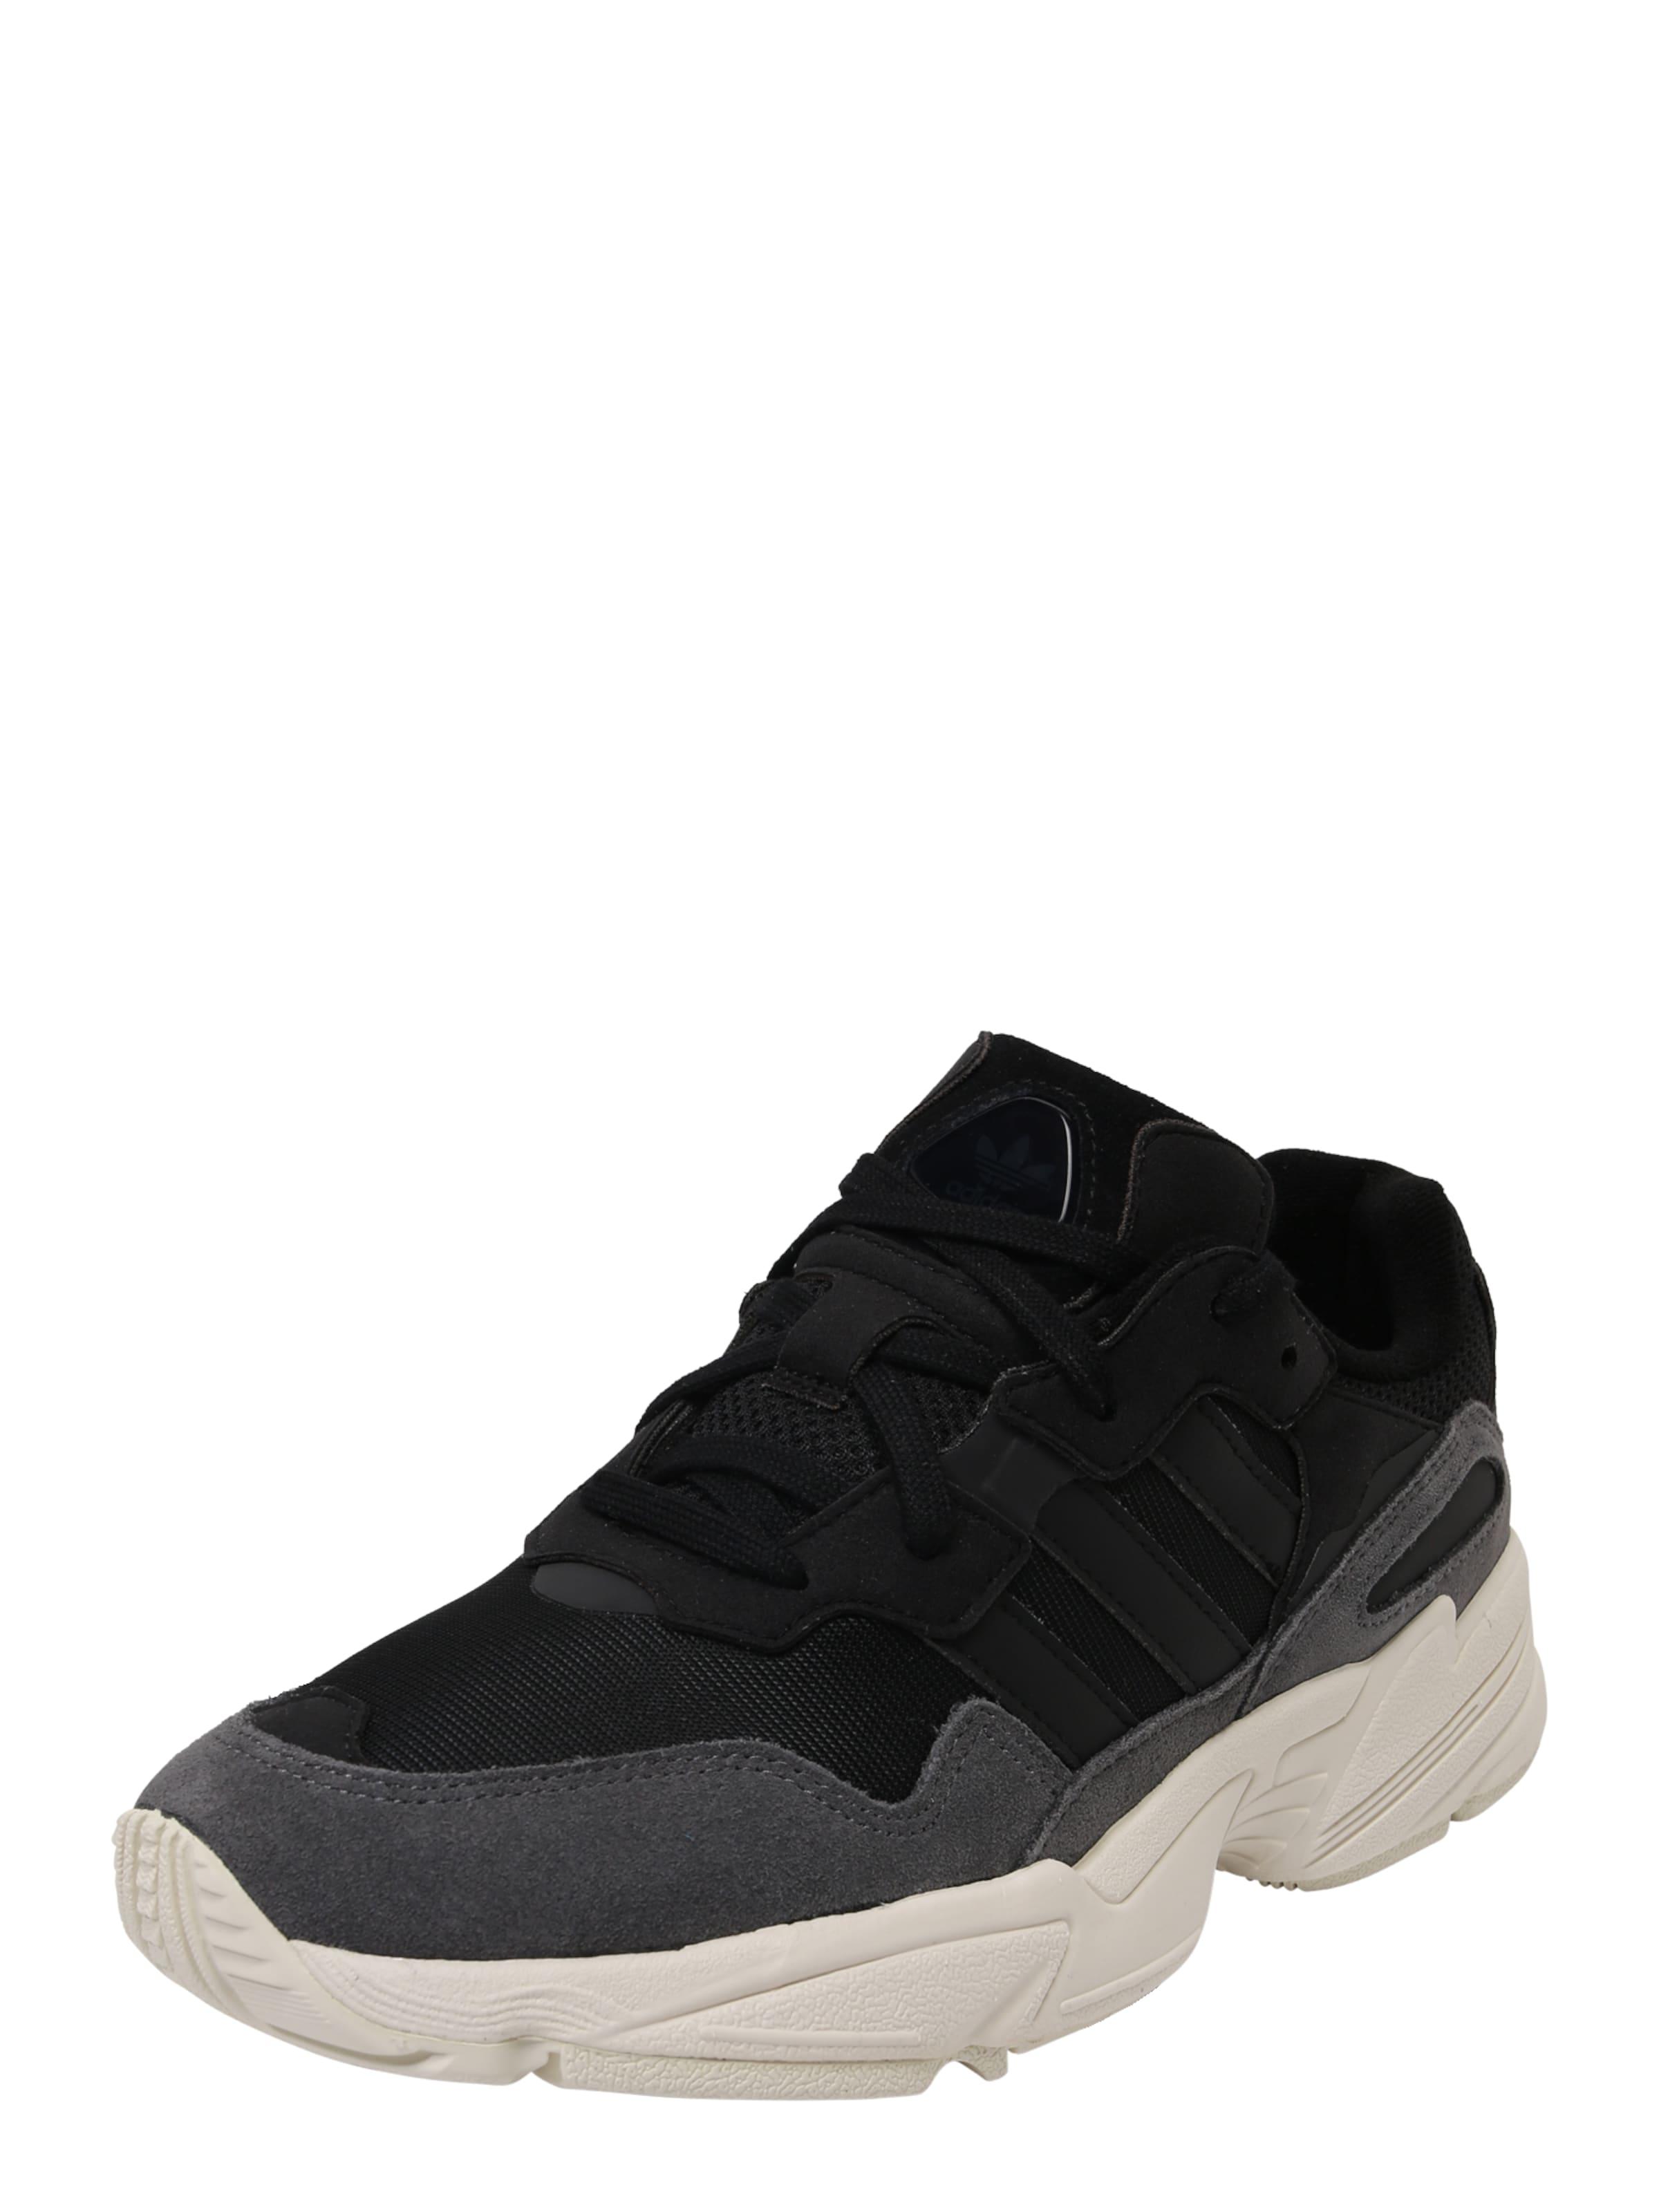 Adidas 96' Originals In 'yung Schwarz Sneaker f7gyb6